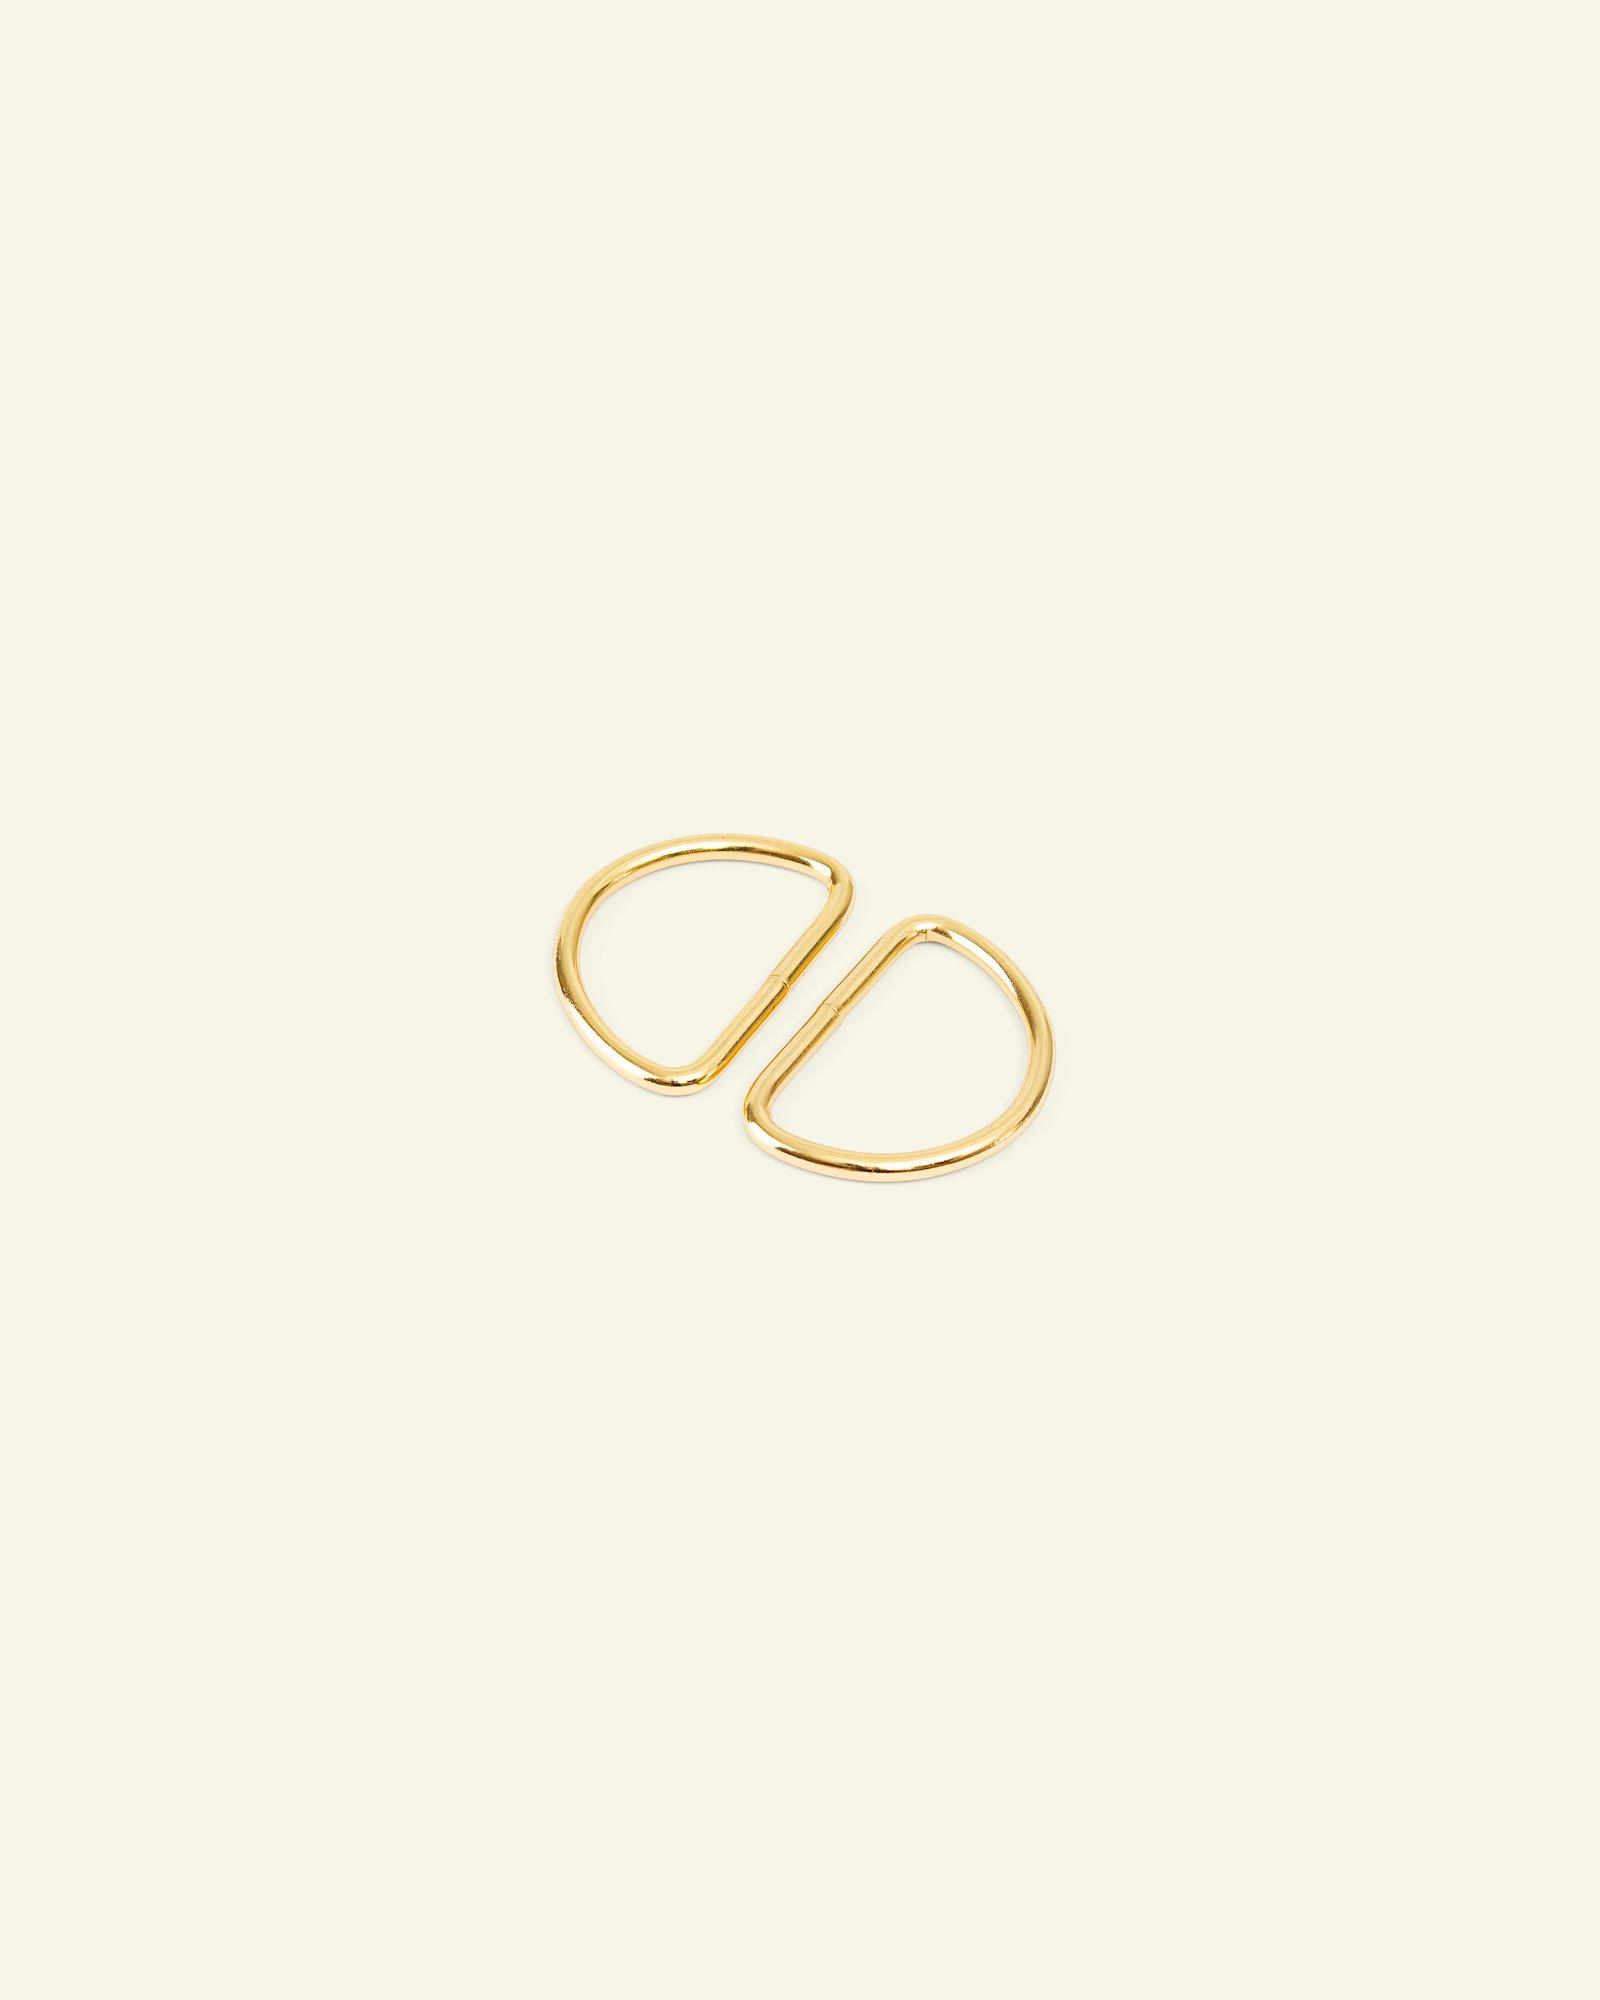 D-ring metal 32x20x3mm gold 2pcs